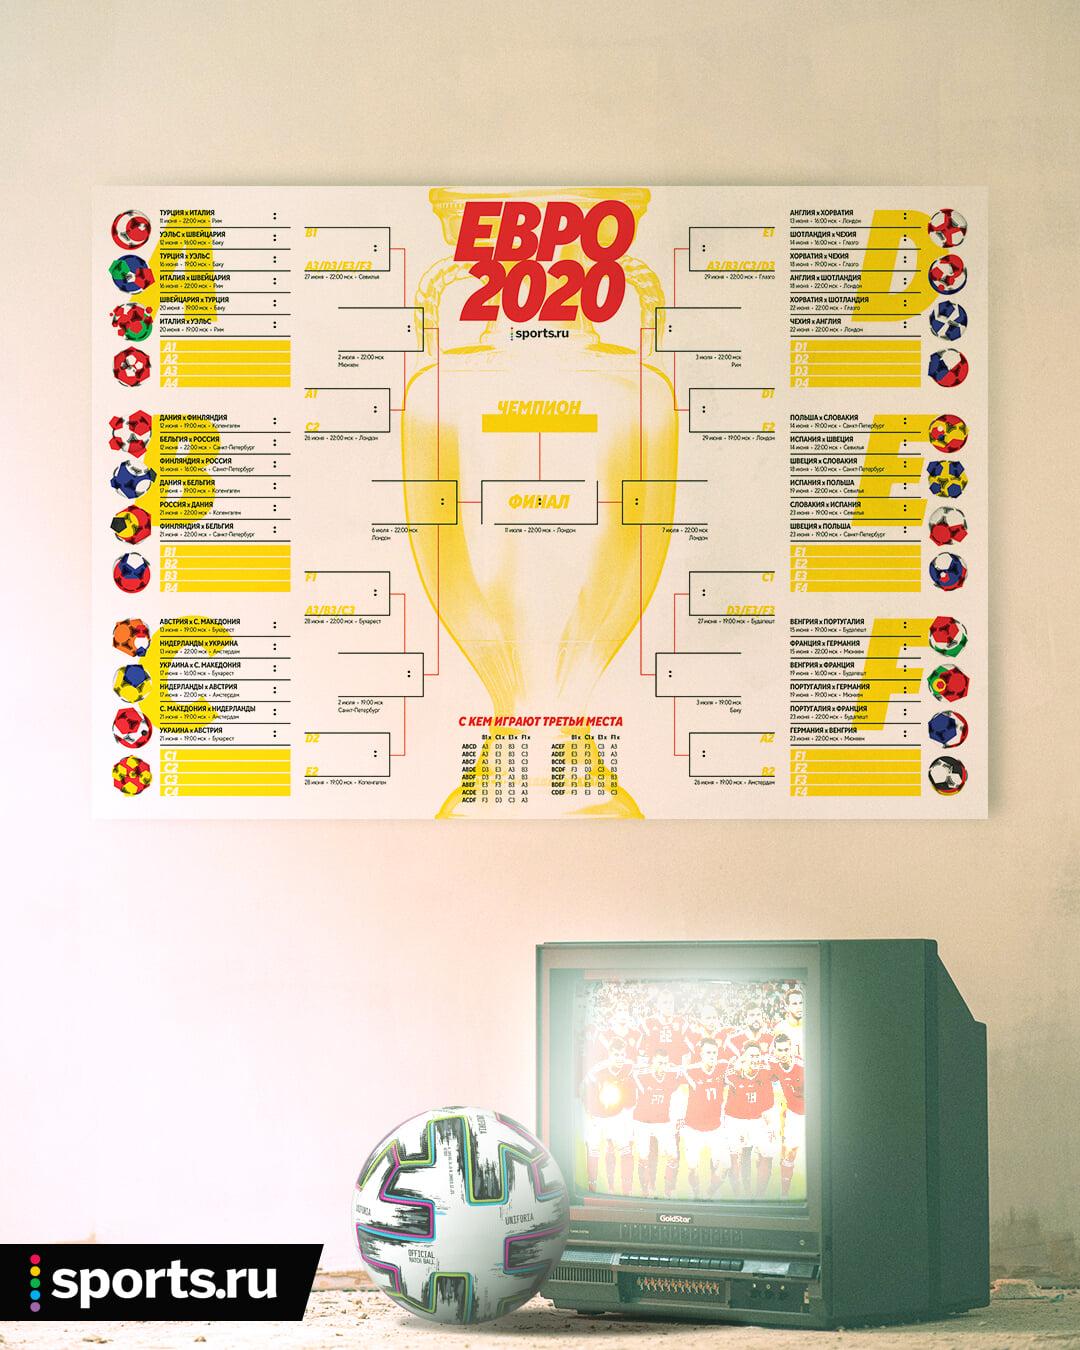 Искали шахматку для Евро? Мы сделали такую для вас. Распечатывайте и заполняйте!